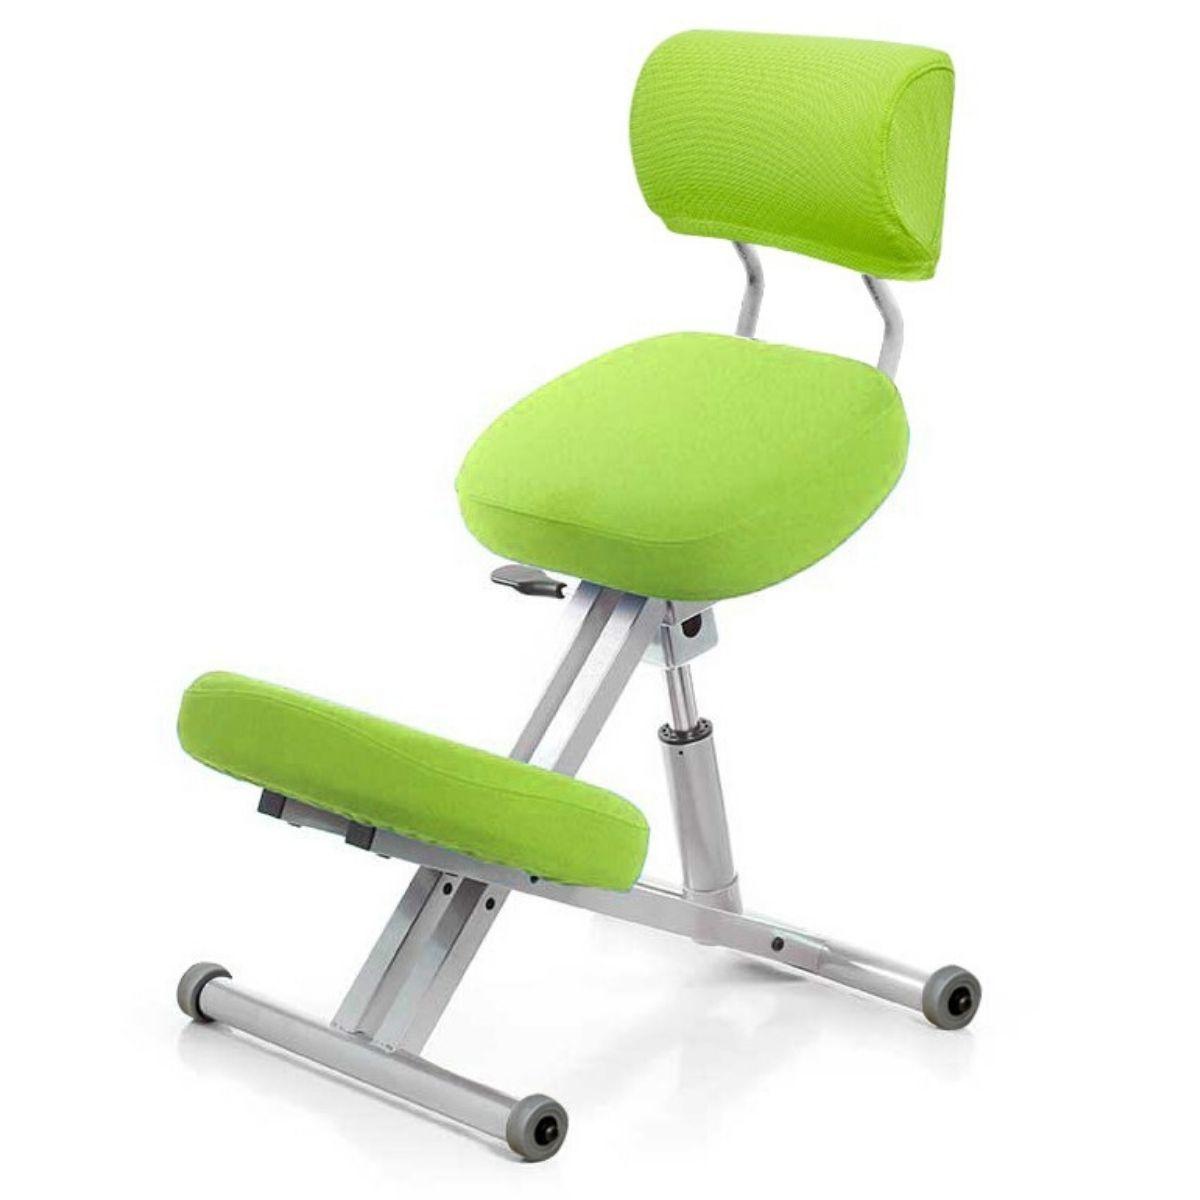 Стул коленный Smartstool KM01B (спинка + газлифт) салатовый